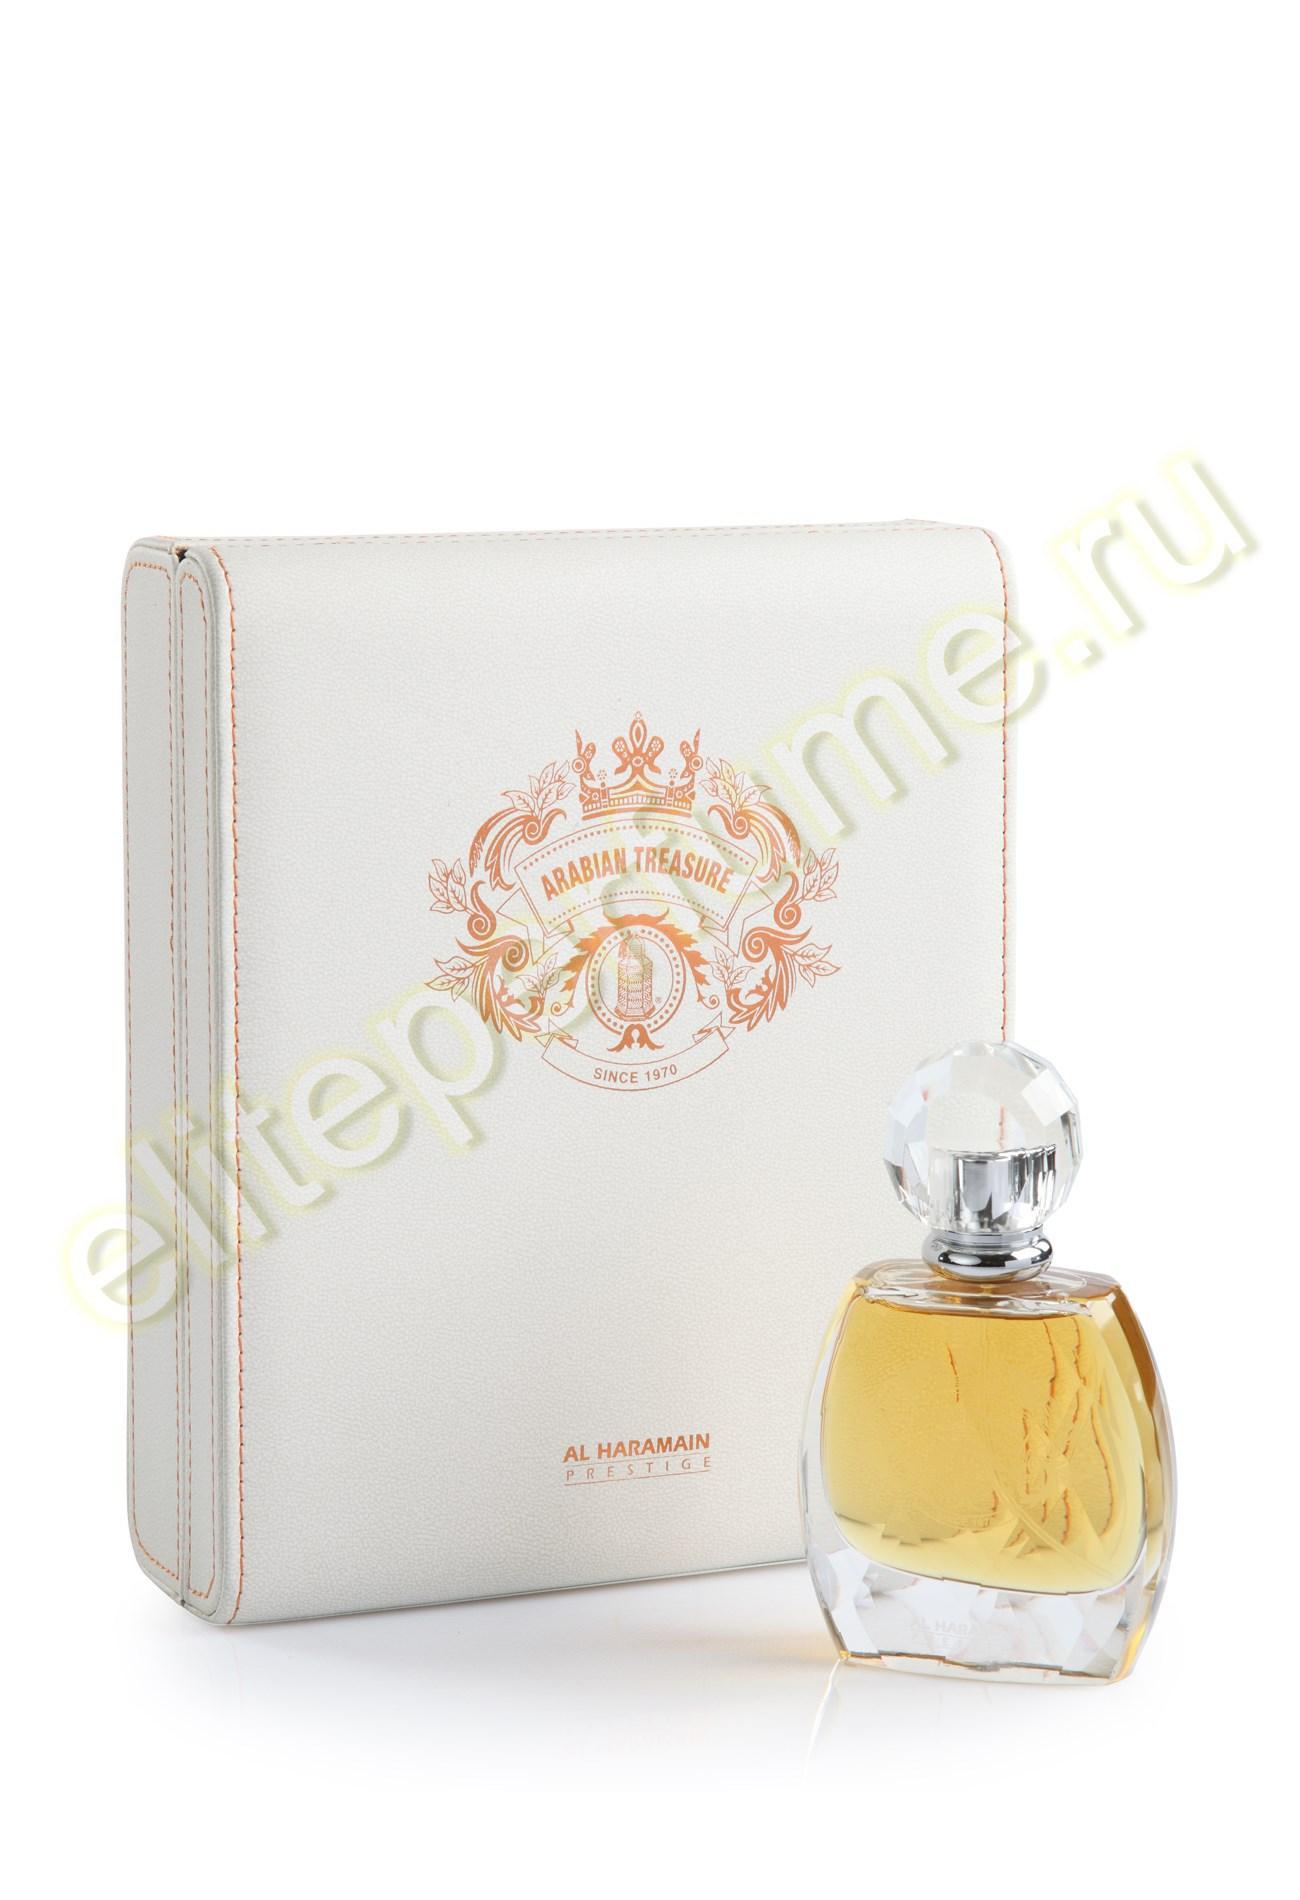 Arabian treasure  Сокровище Аравии 70 мл спрей от Аль Харамайн Al Haramain Perfumes